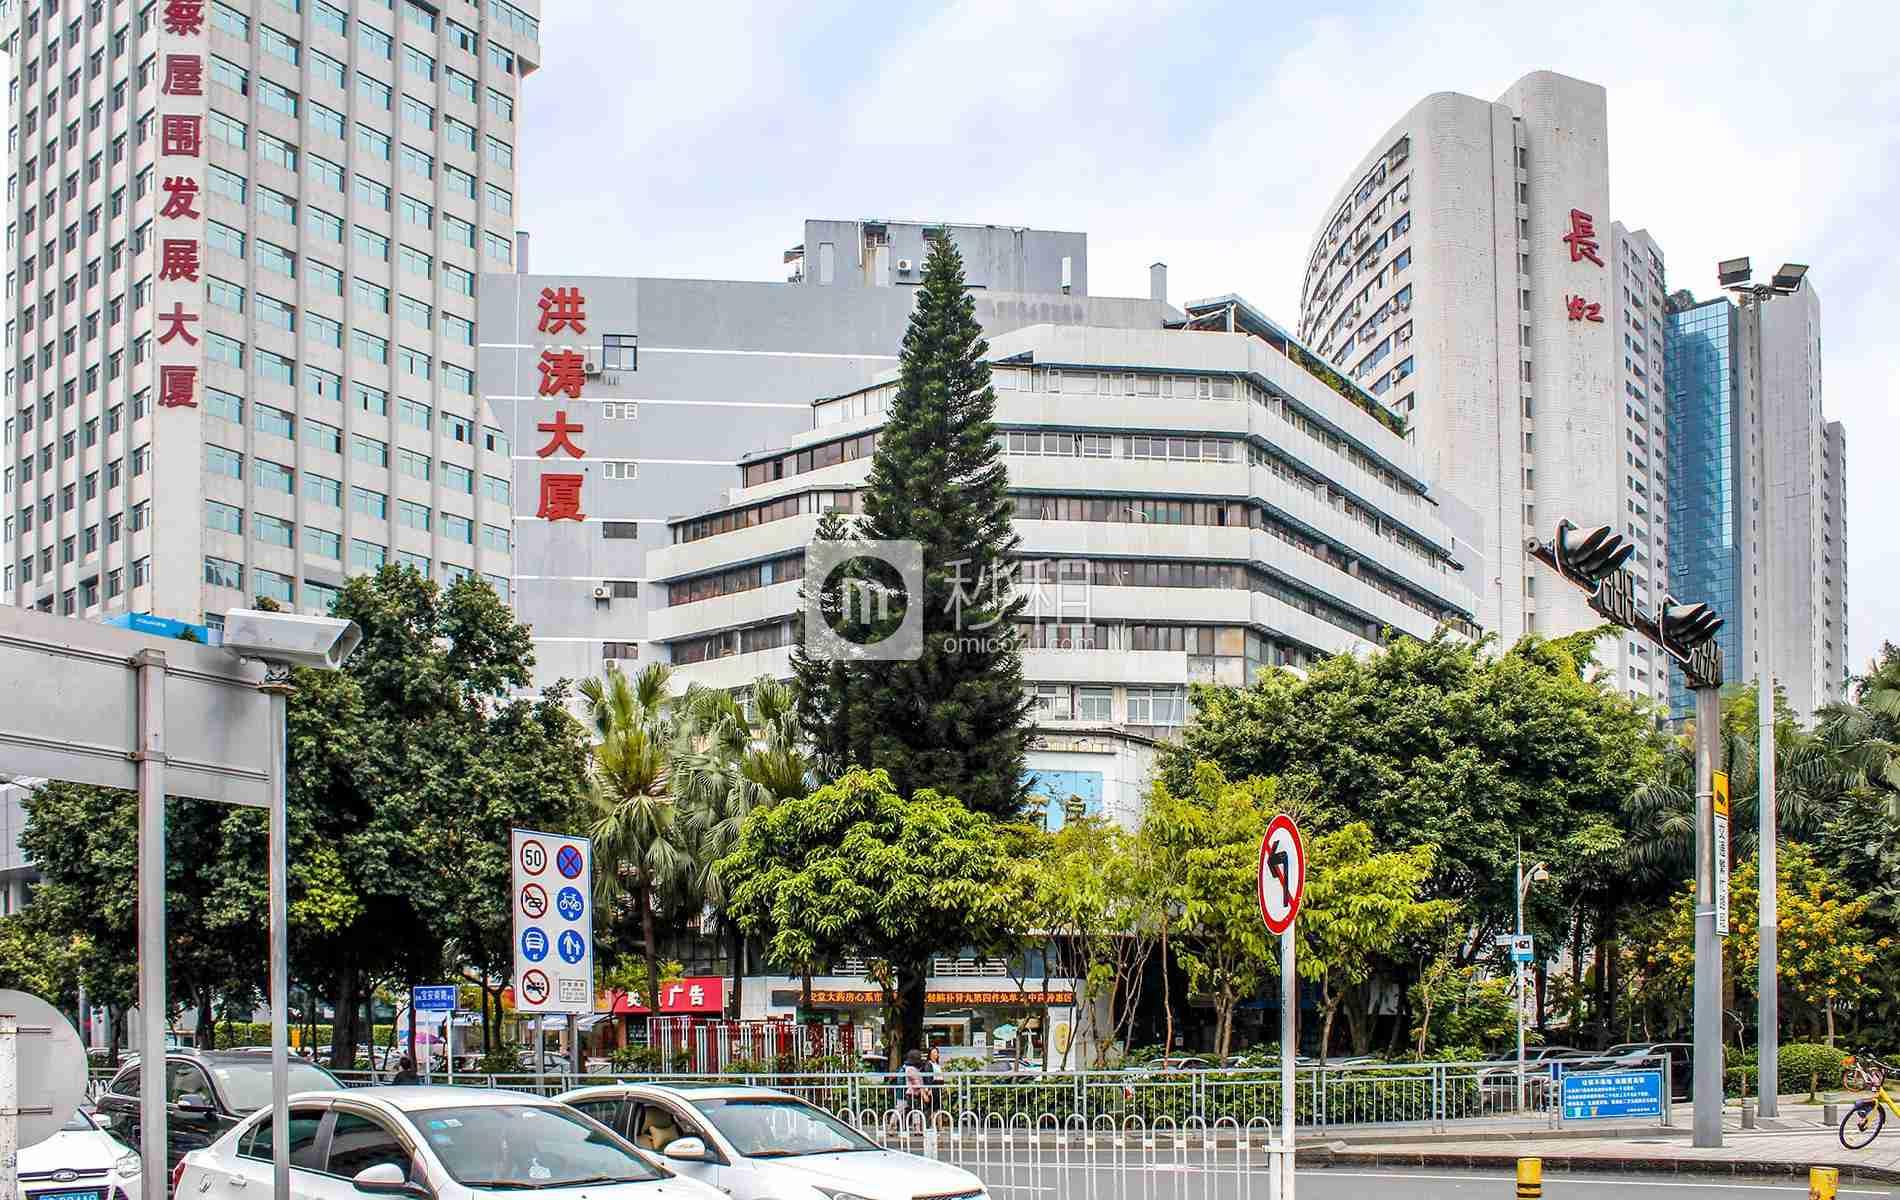 洪涛大厦写字楼出租/招租/租赁,洪涛大厦办公室出租/招租/租赁